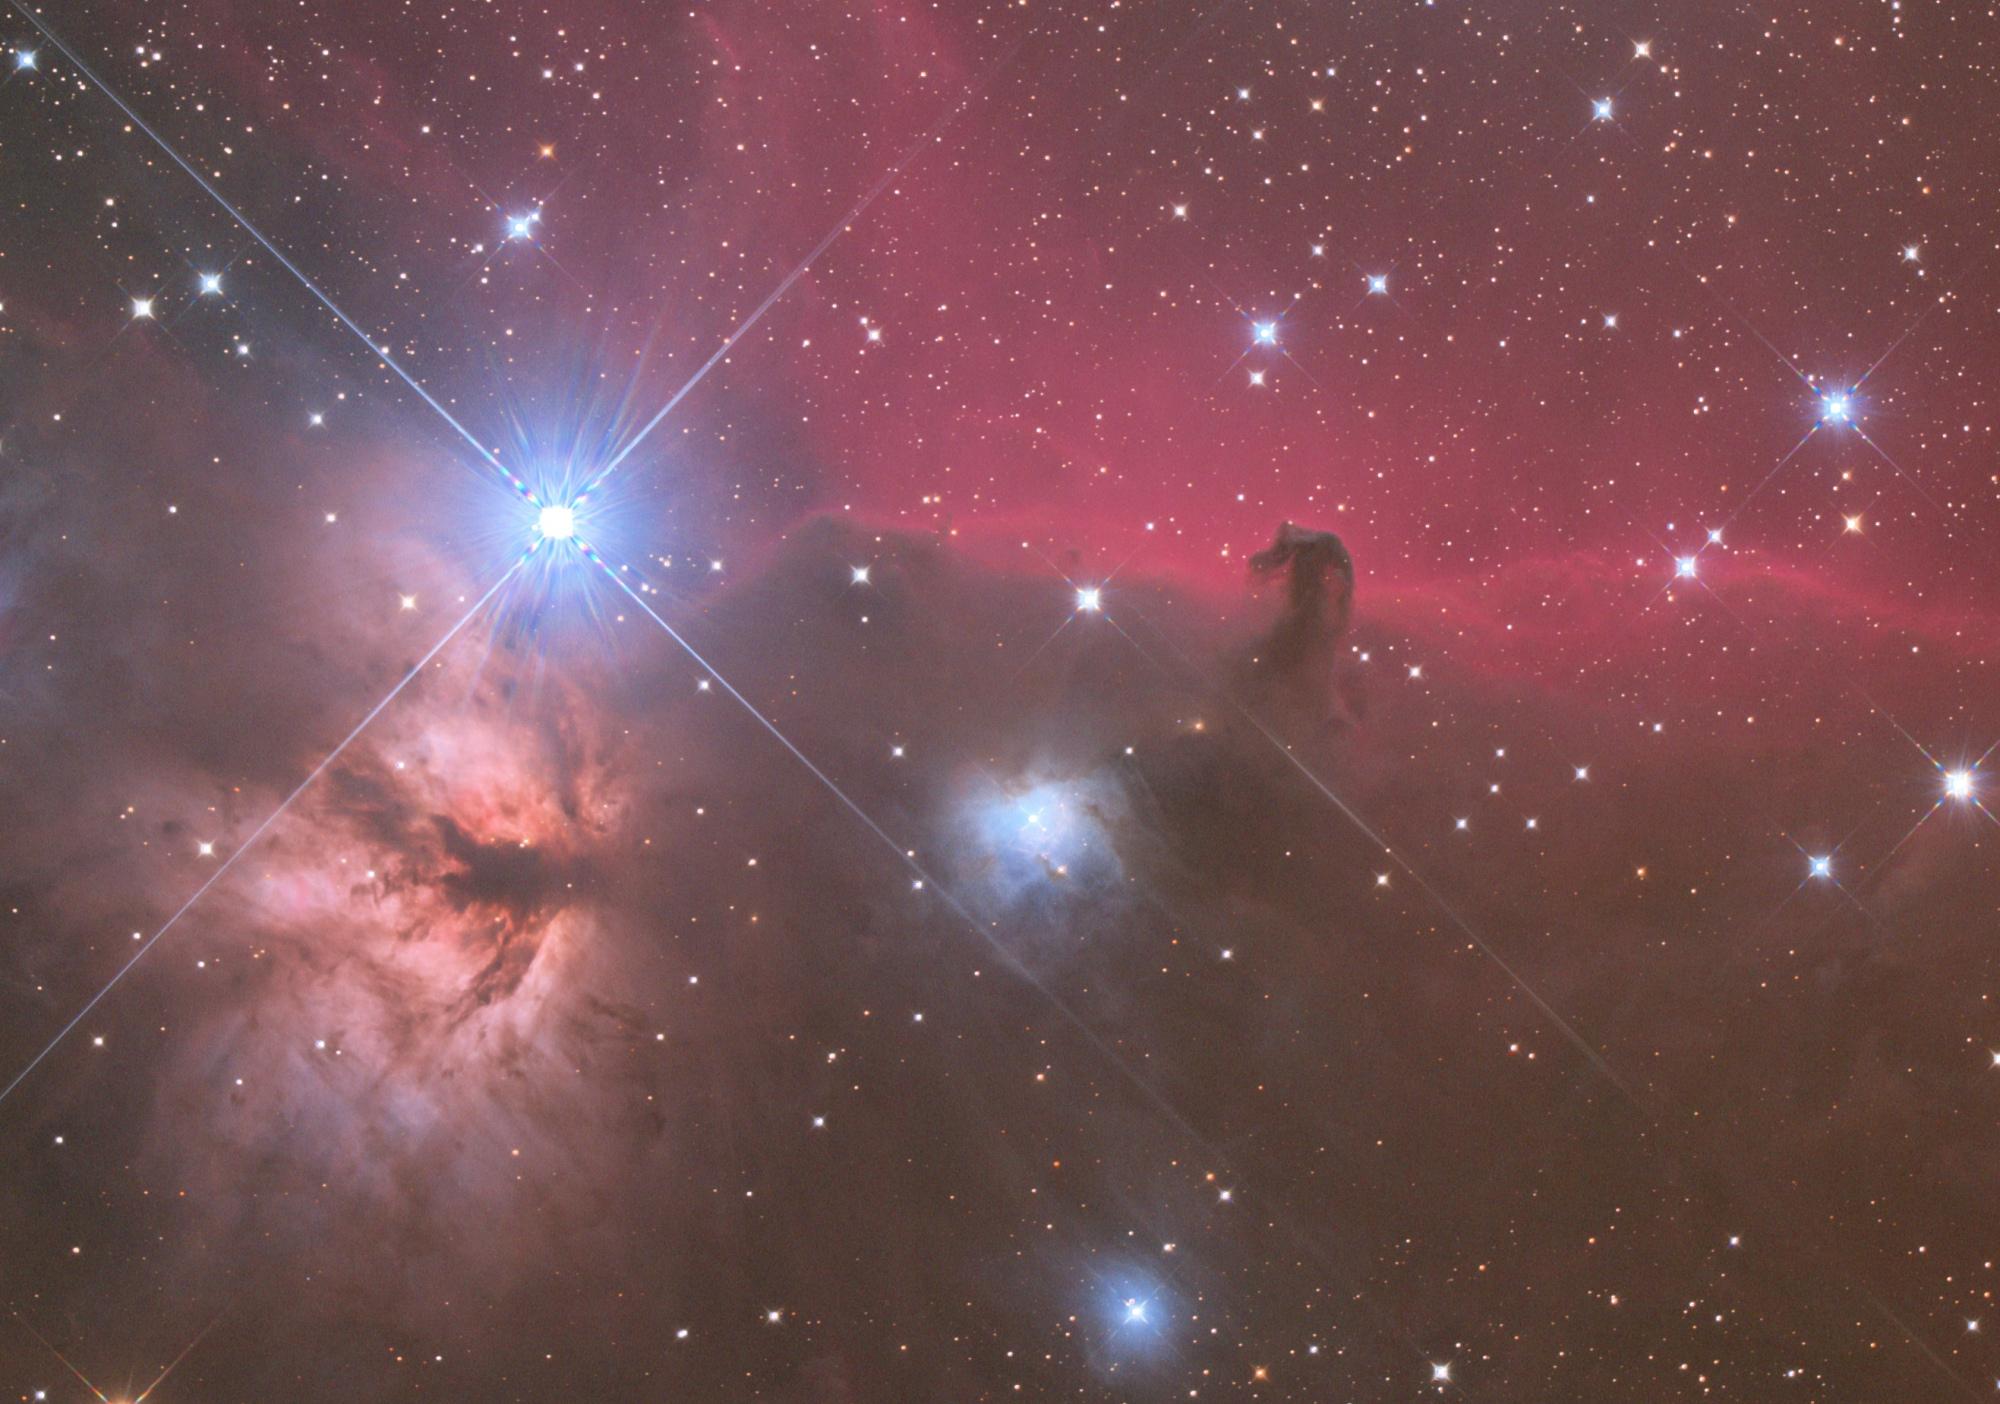 5bf5ce1d10919_Barnard33zoom.thumb.jpg.4b6039be0aae5d8d5360f62419aa7bc3.jpg